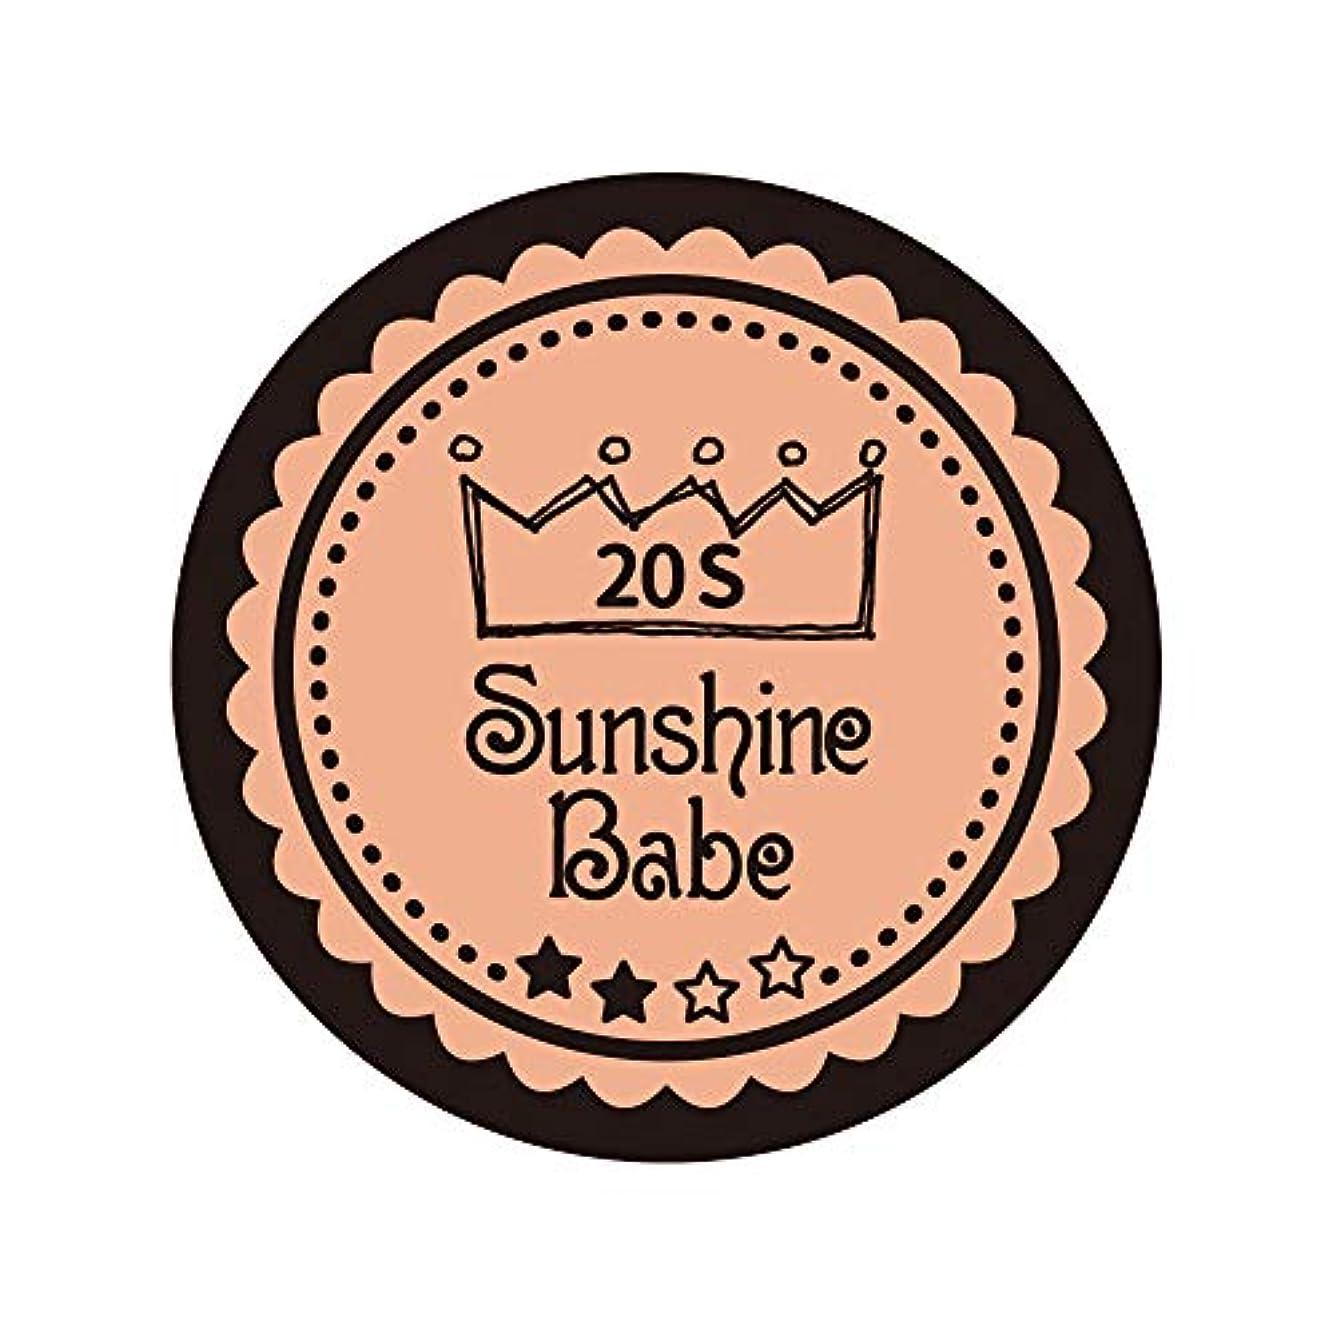 ディンカルビル汚染チューリップSunshine Babe カラージェル 20S ヌーディベージュ 2.7g UV/LED対応